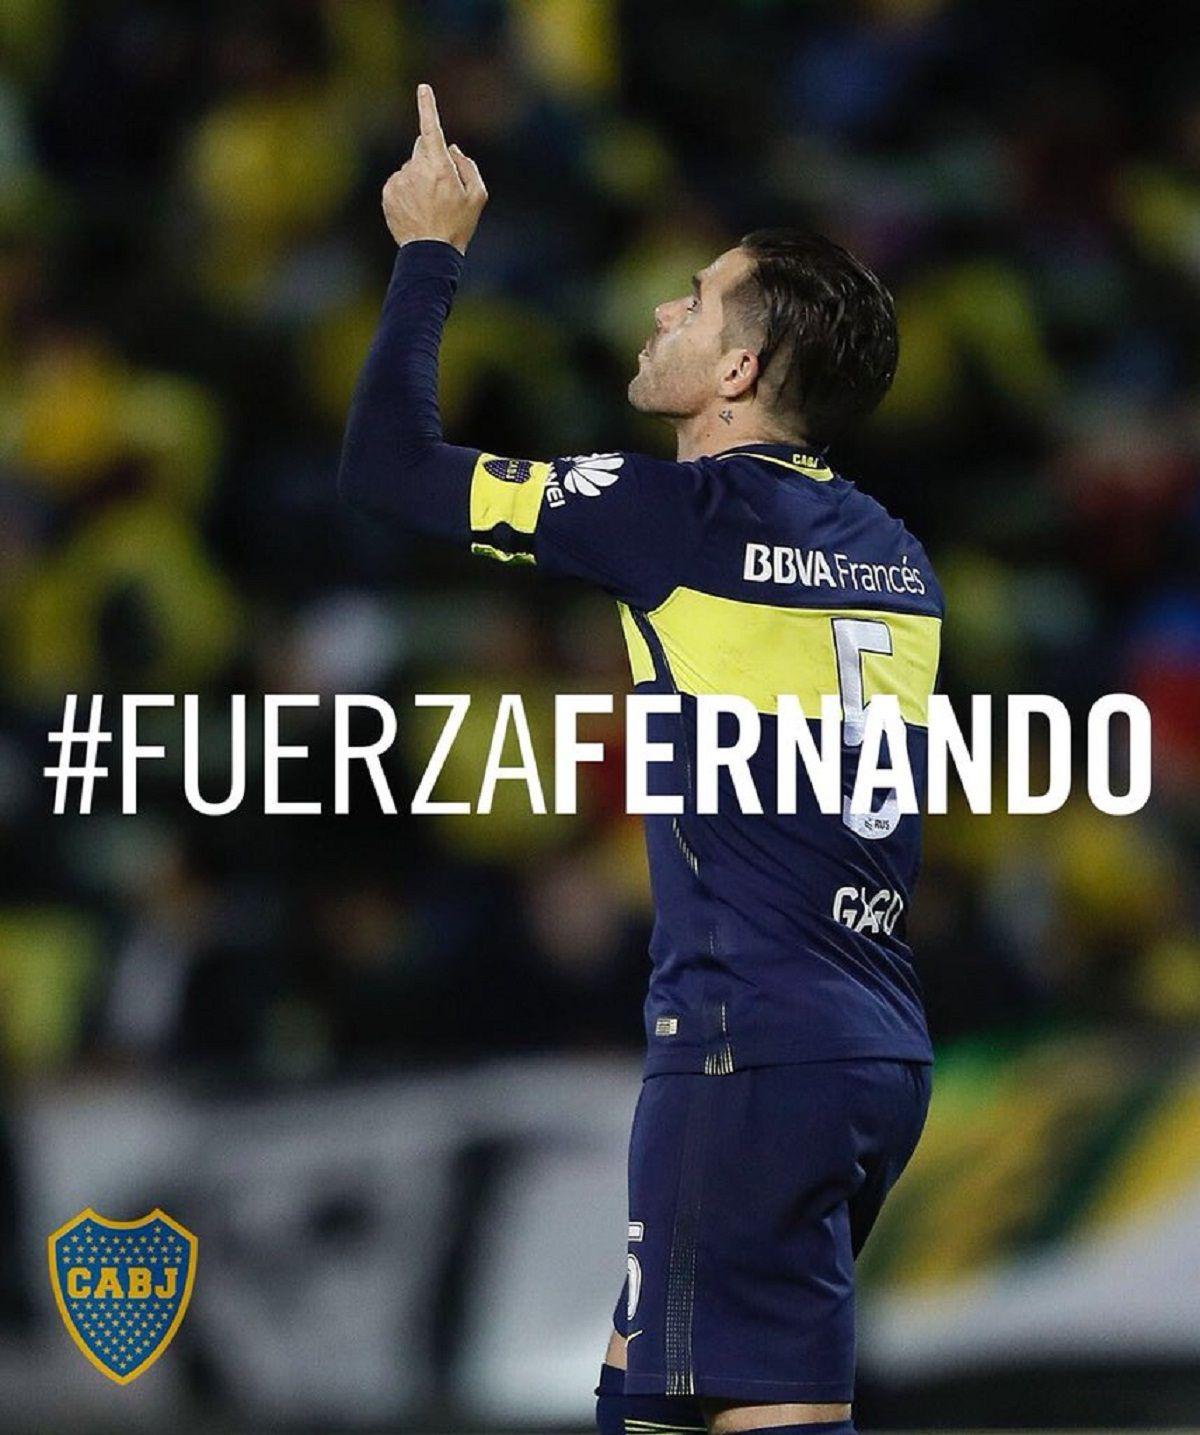 {altText(#FuerzaFernando fue el hashtag que promovió Boca desde su cuenta oficial<br>,El mensaje de Boca para Fernando Gago tras la dura lesión)}